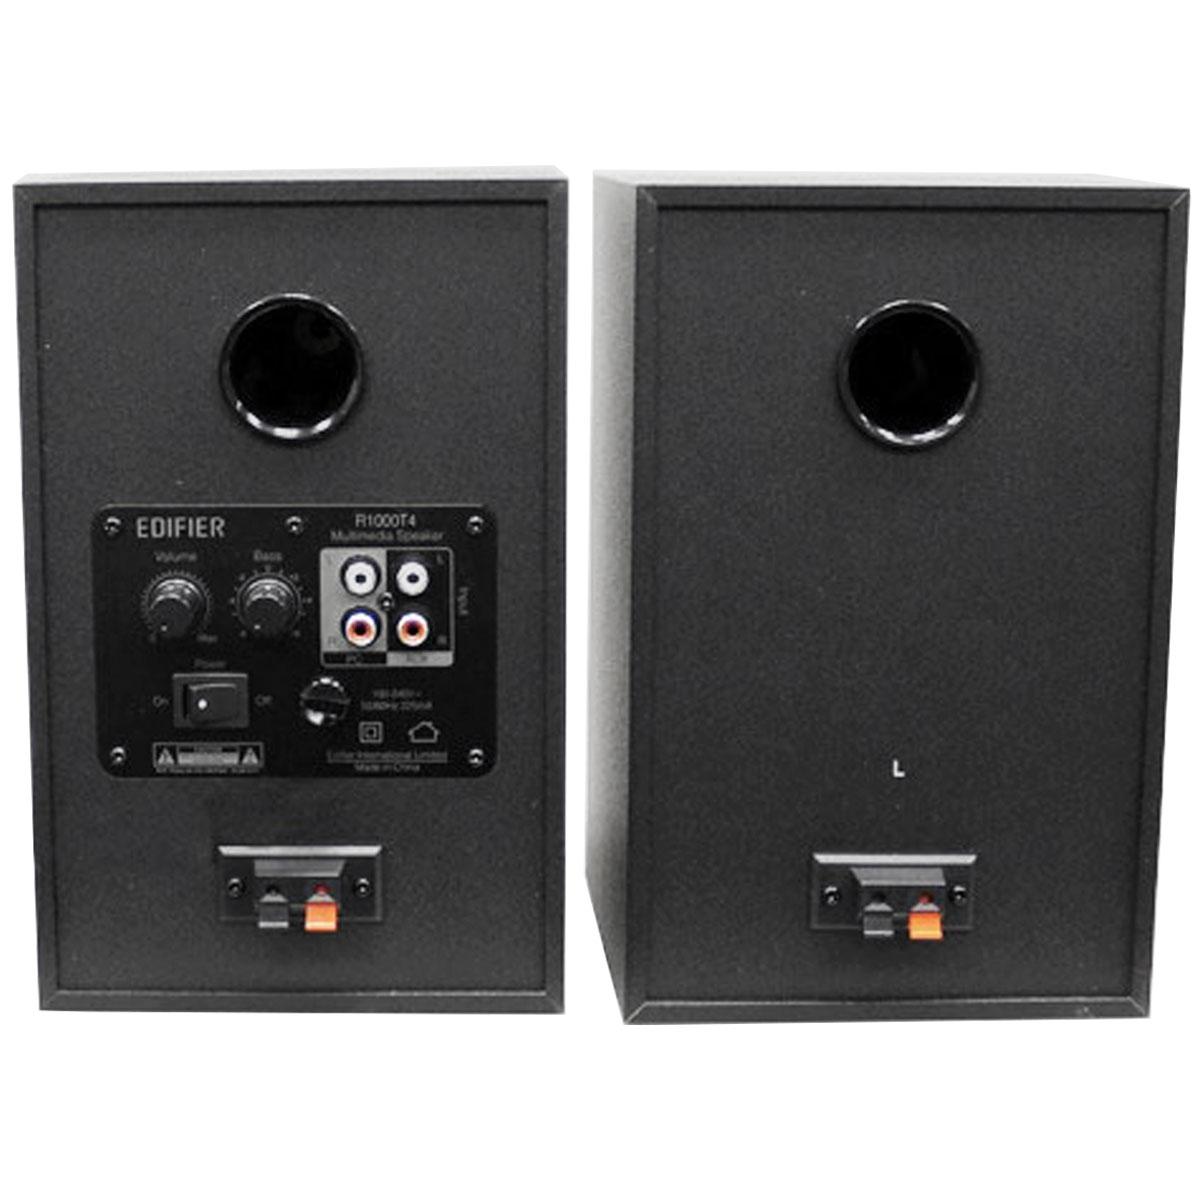 Monitor de Referência 24W R1000T4 ( Par ) - Edifier